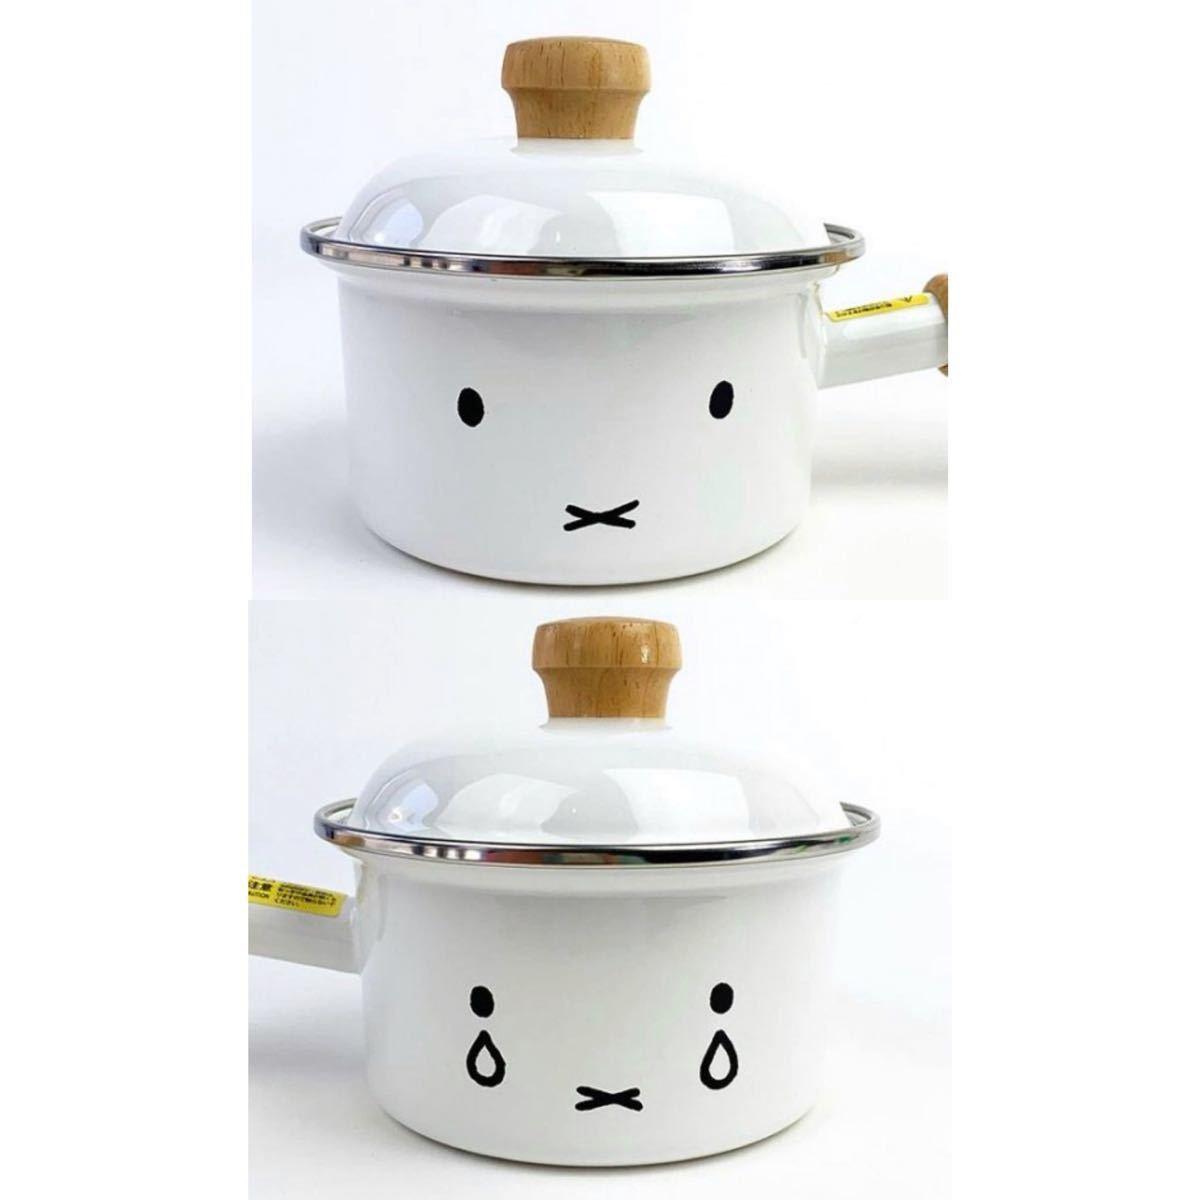 新品 IH対応 ミッフィー  ソースパン ホーロー 鍋 フェイスデザイン 富士ホーロー 片手鍋